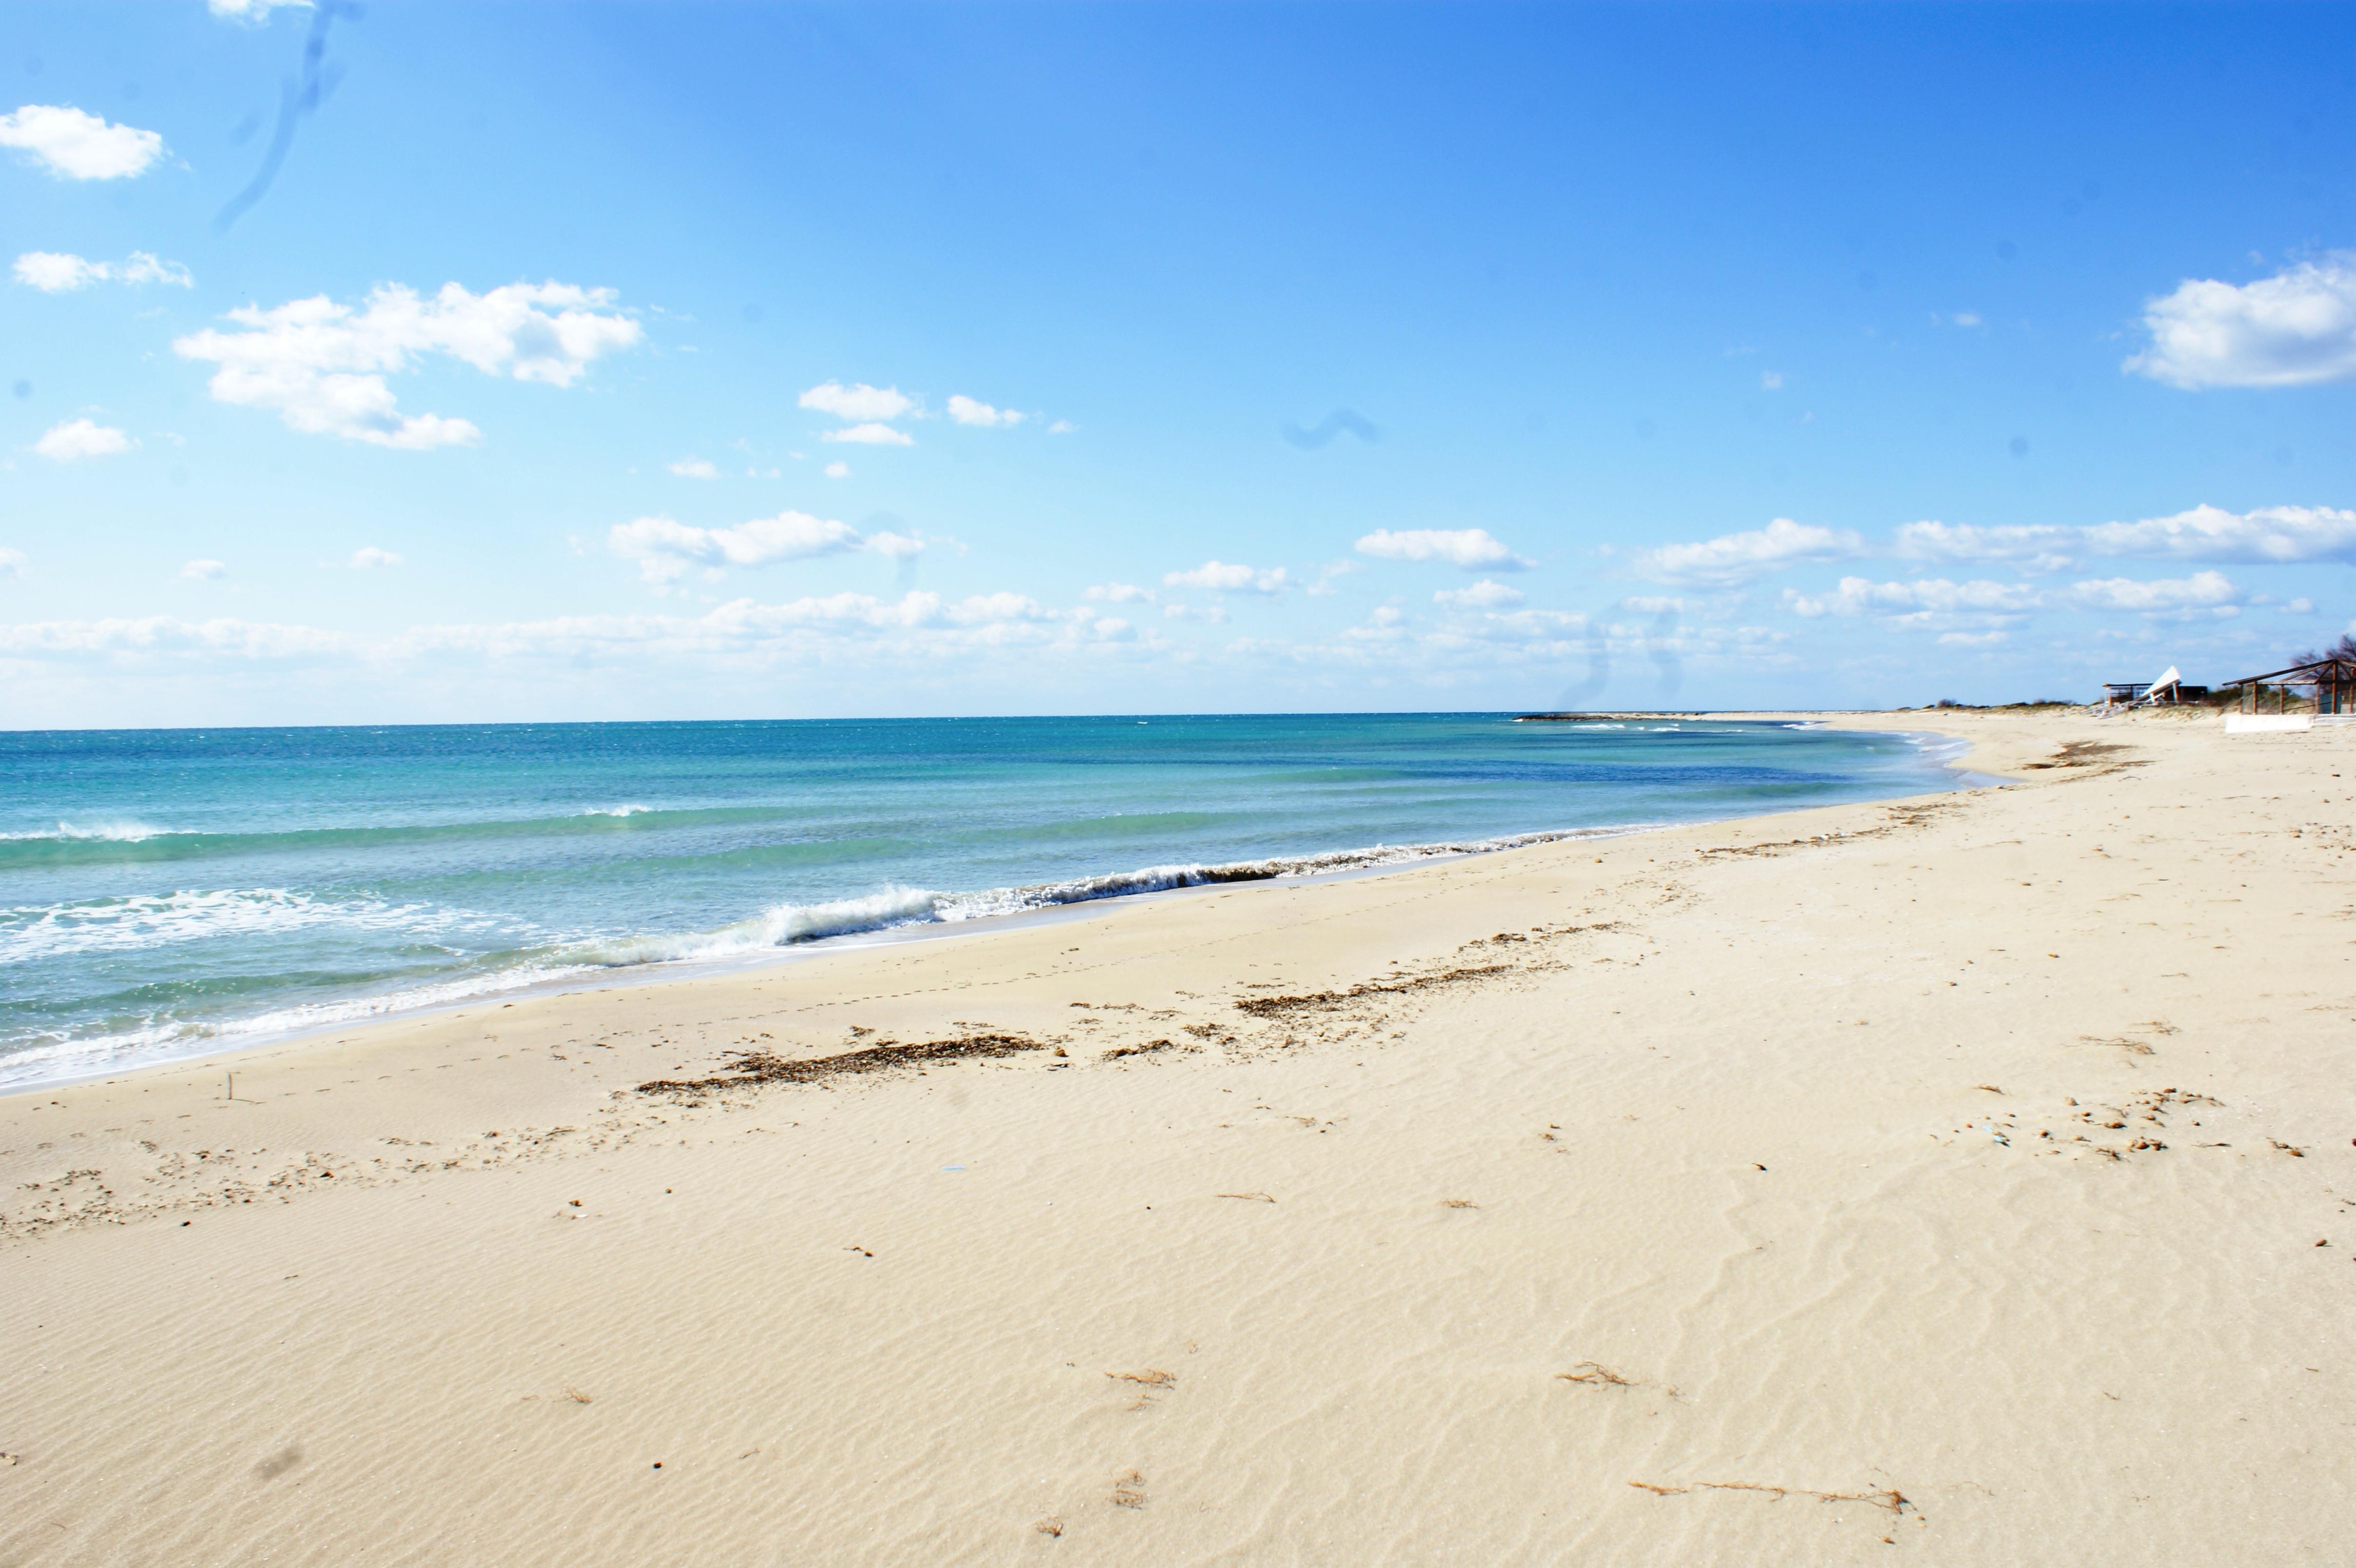 spiaggia dorata a lido marini